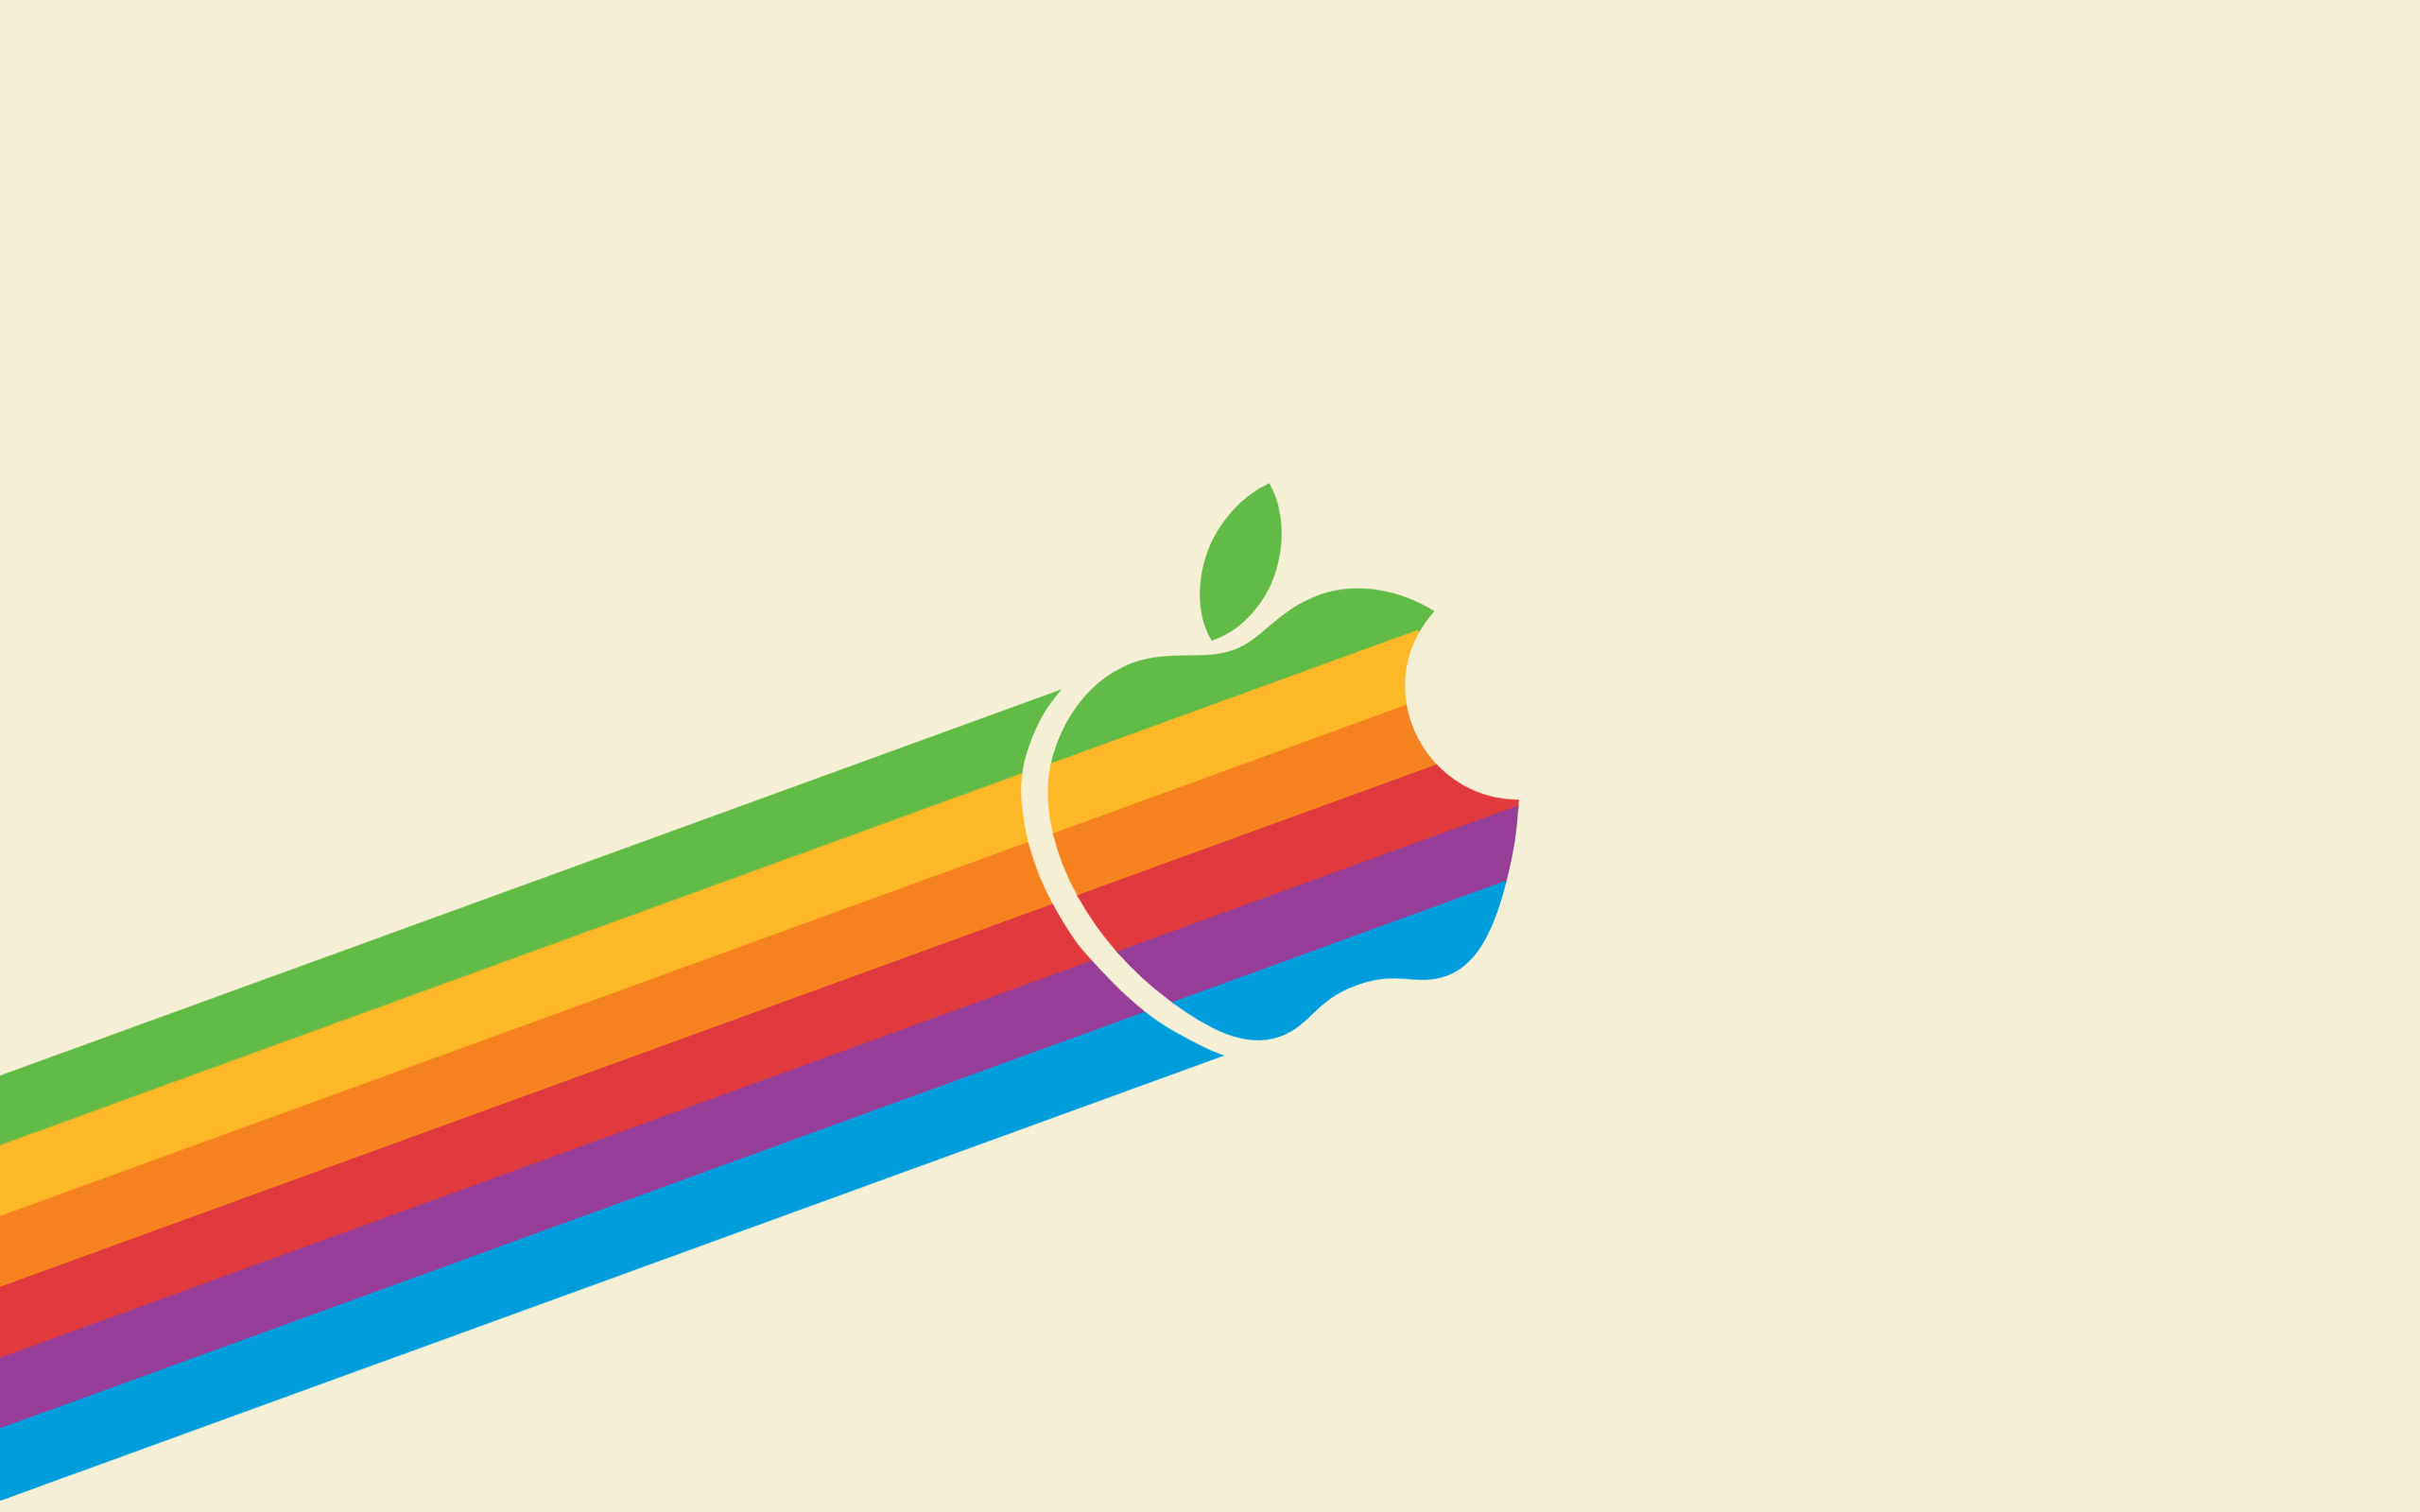 Apple Ripropone Il Logo Della Mela Arcobaleno Lifestyle Dmo Data